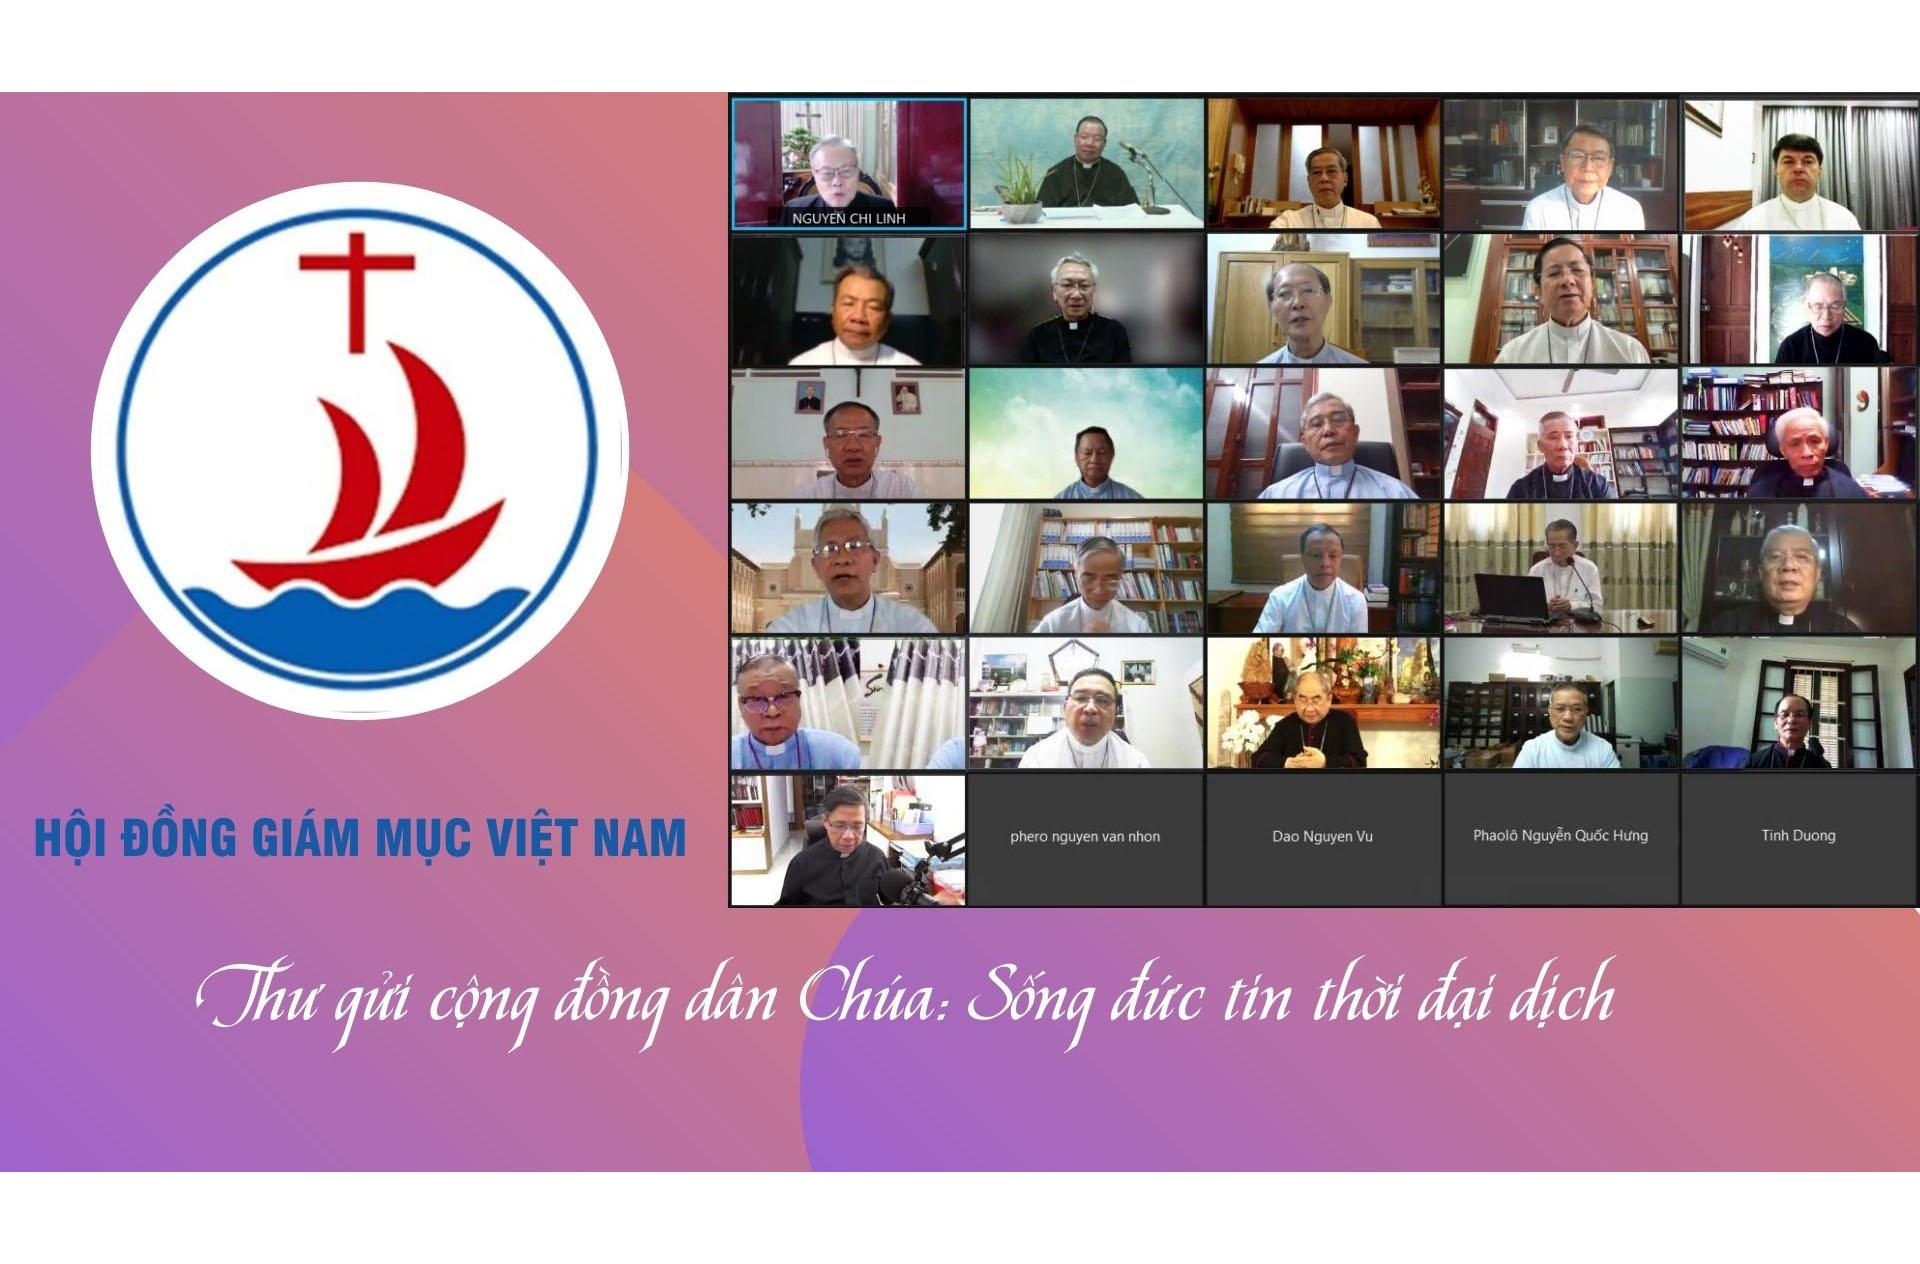 Thư Hội đồng Giám mục Việt Nam gửi cộng đồng dân Chúa: Sống đức tin thời đại dịch